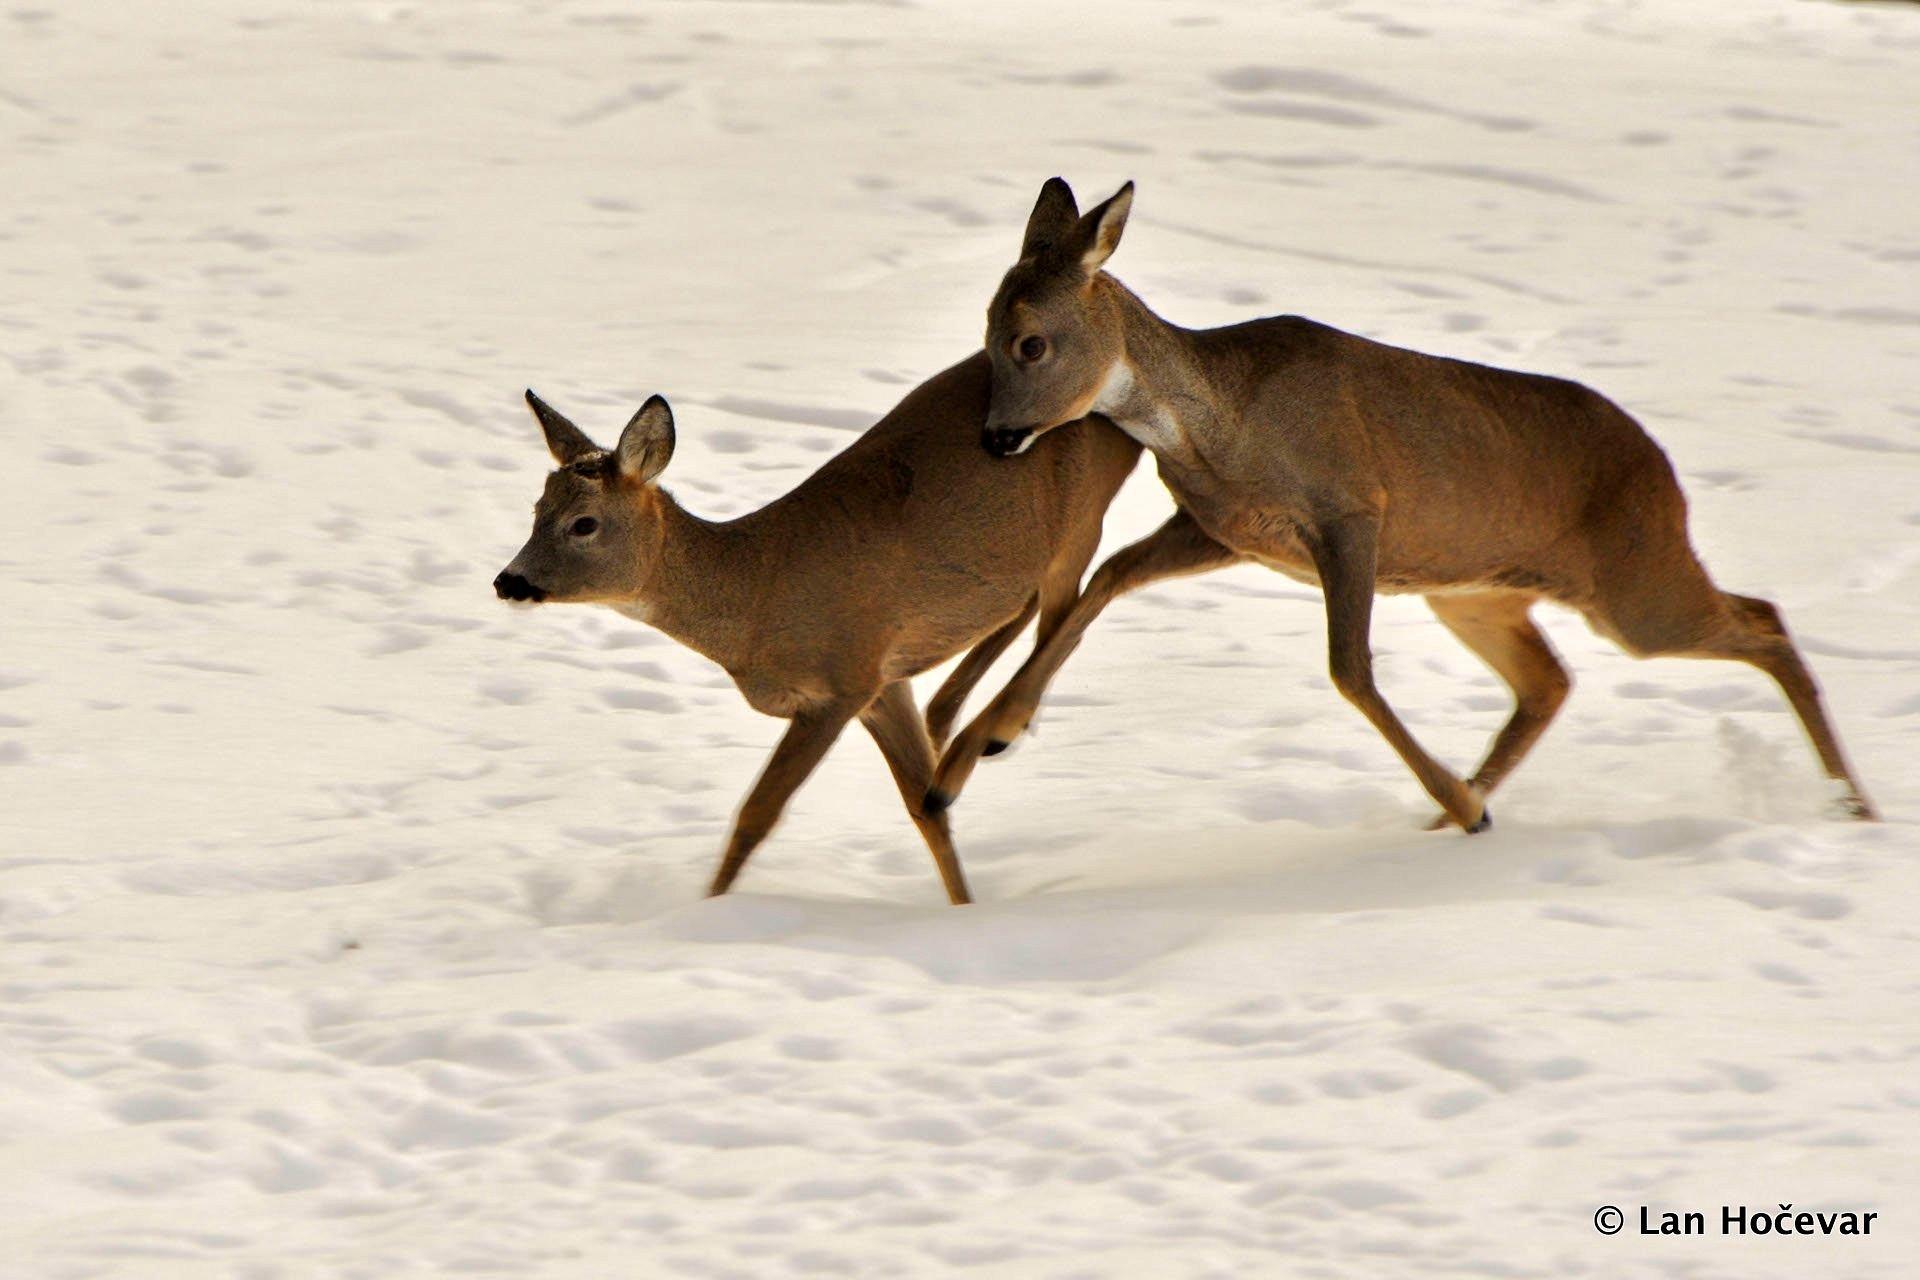 Bewertung des Einflusses des Wolfs auf wildlebende Beutetiere